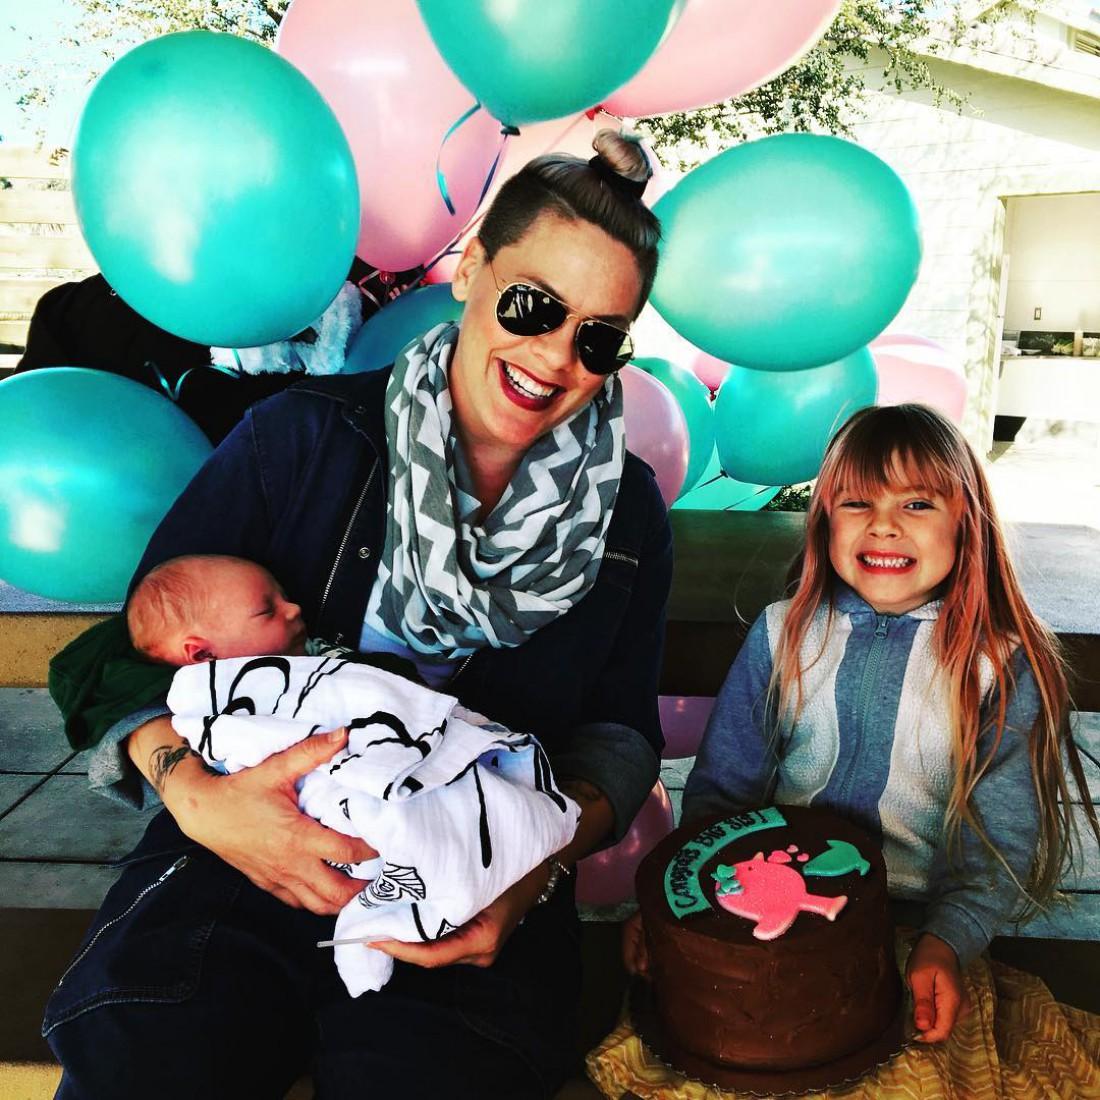 Певица Пинк со своими детьми